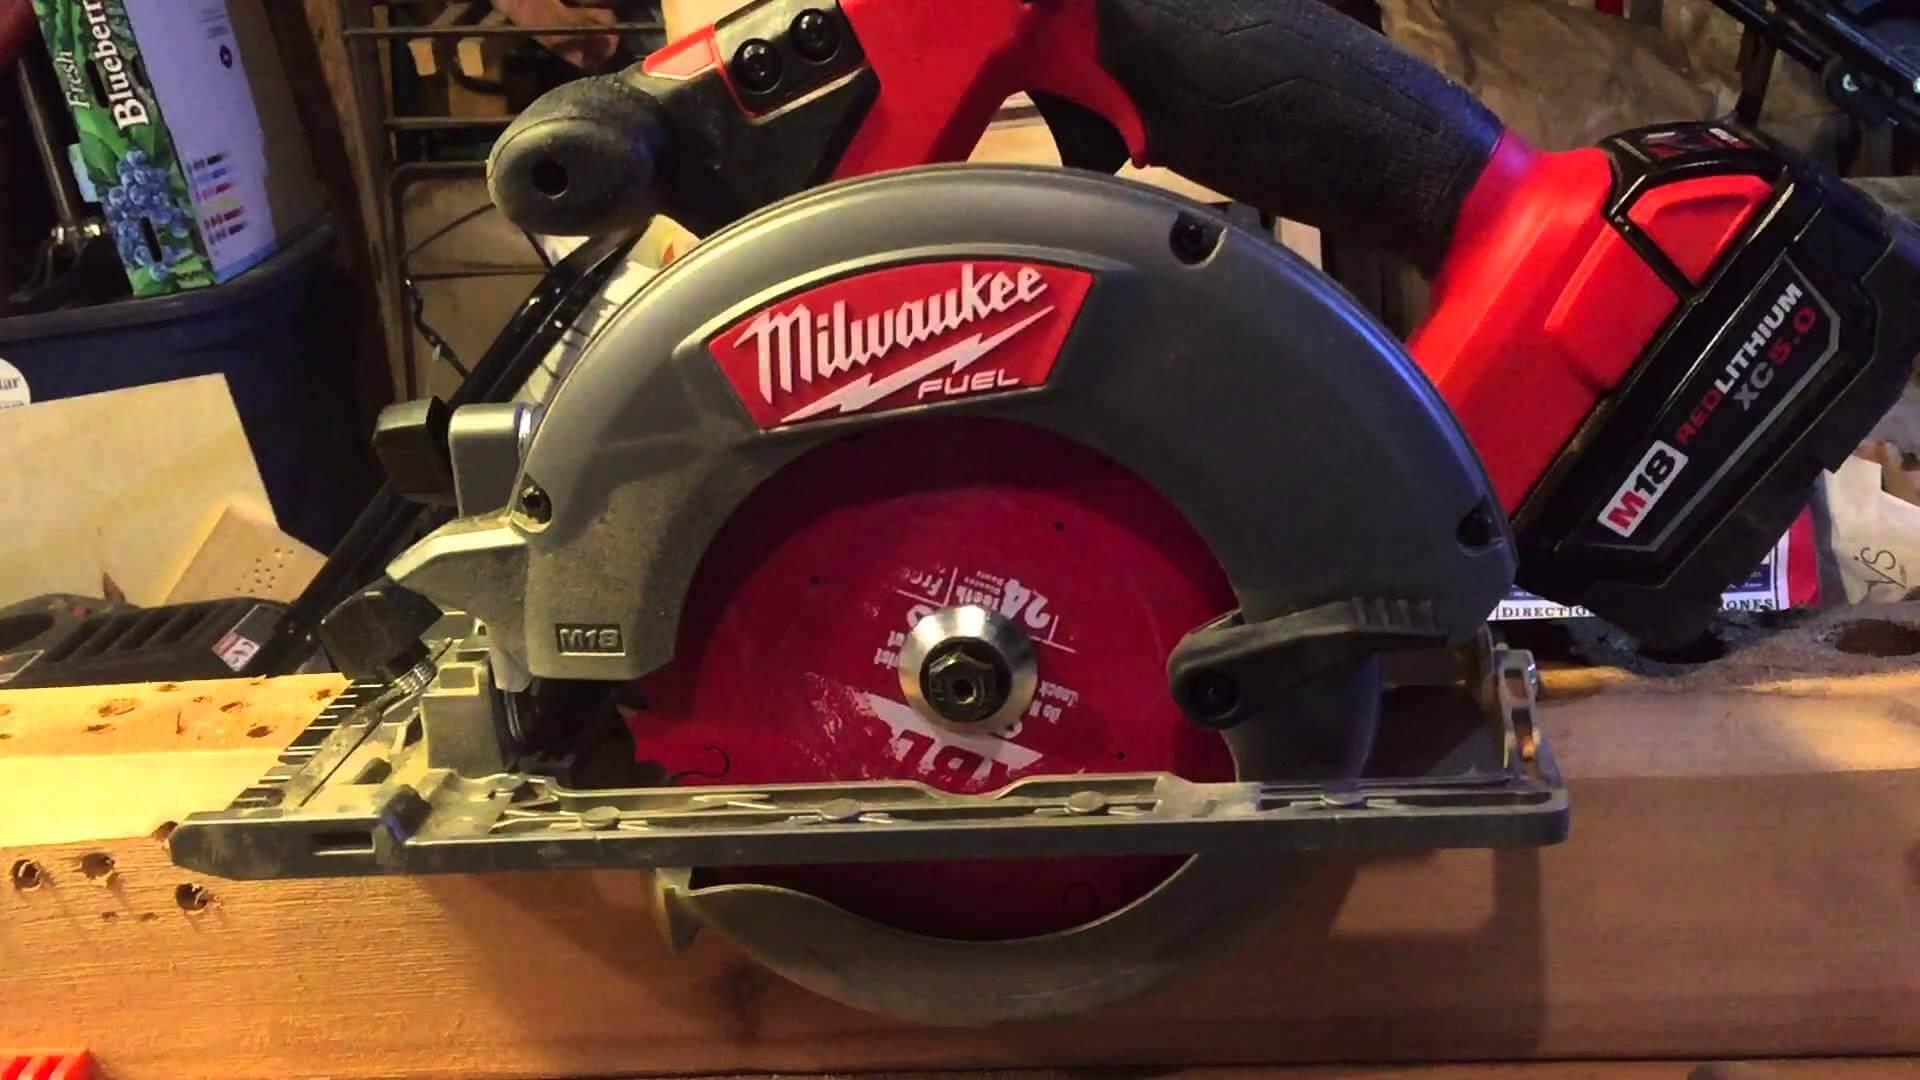 Milwaukee 2731-20 circular saw